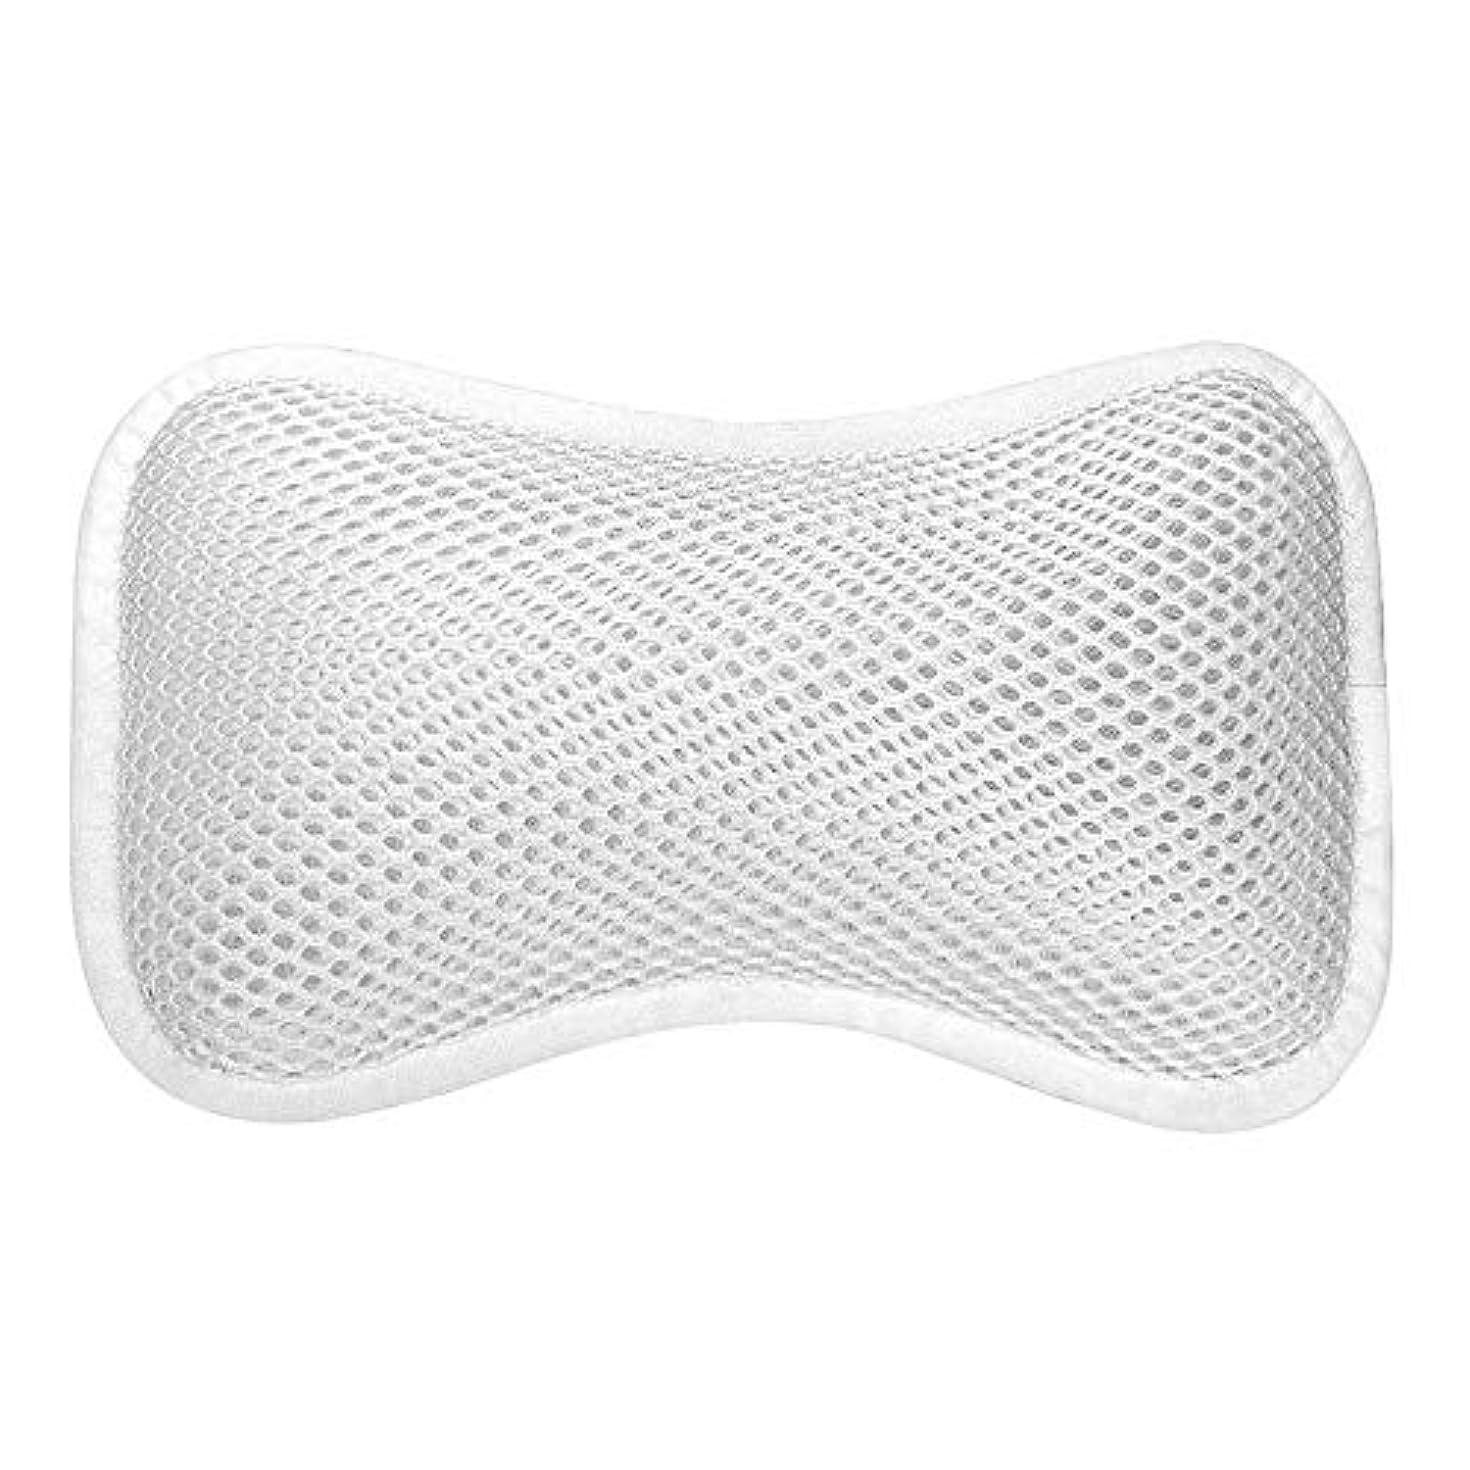 構成する普遍的な周囲3D網の骨の定形バスタブの枕、吸盤が付いている人間工学的の設計滑り止??めの浴槽の枕